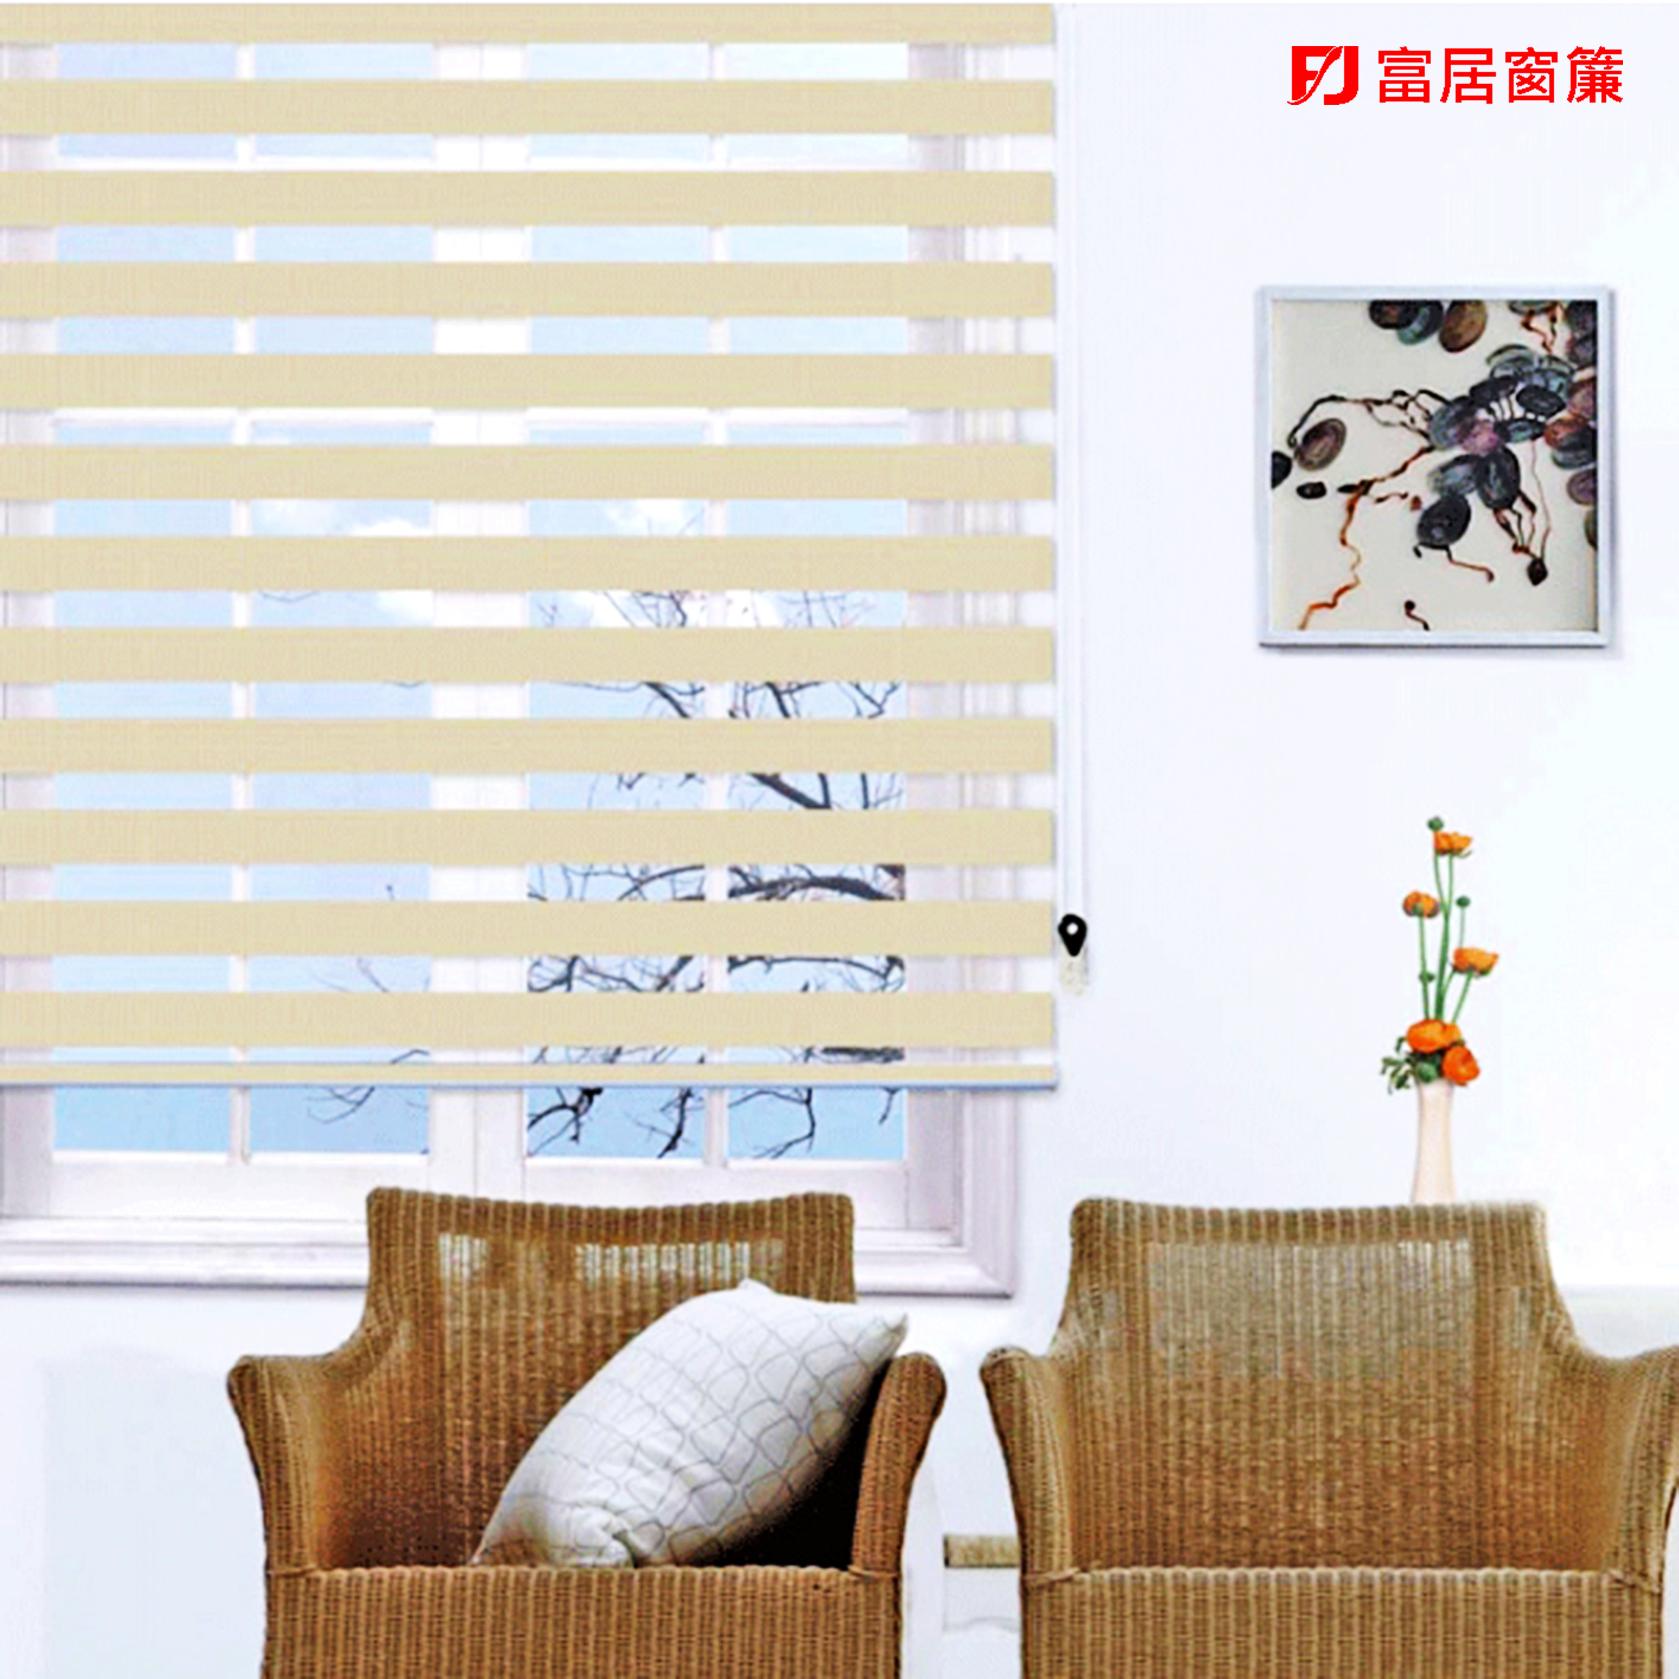 【富居窗簾】買一窗送一窗!挑戰全國最低價!